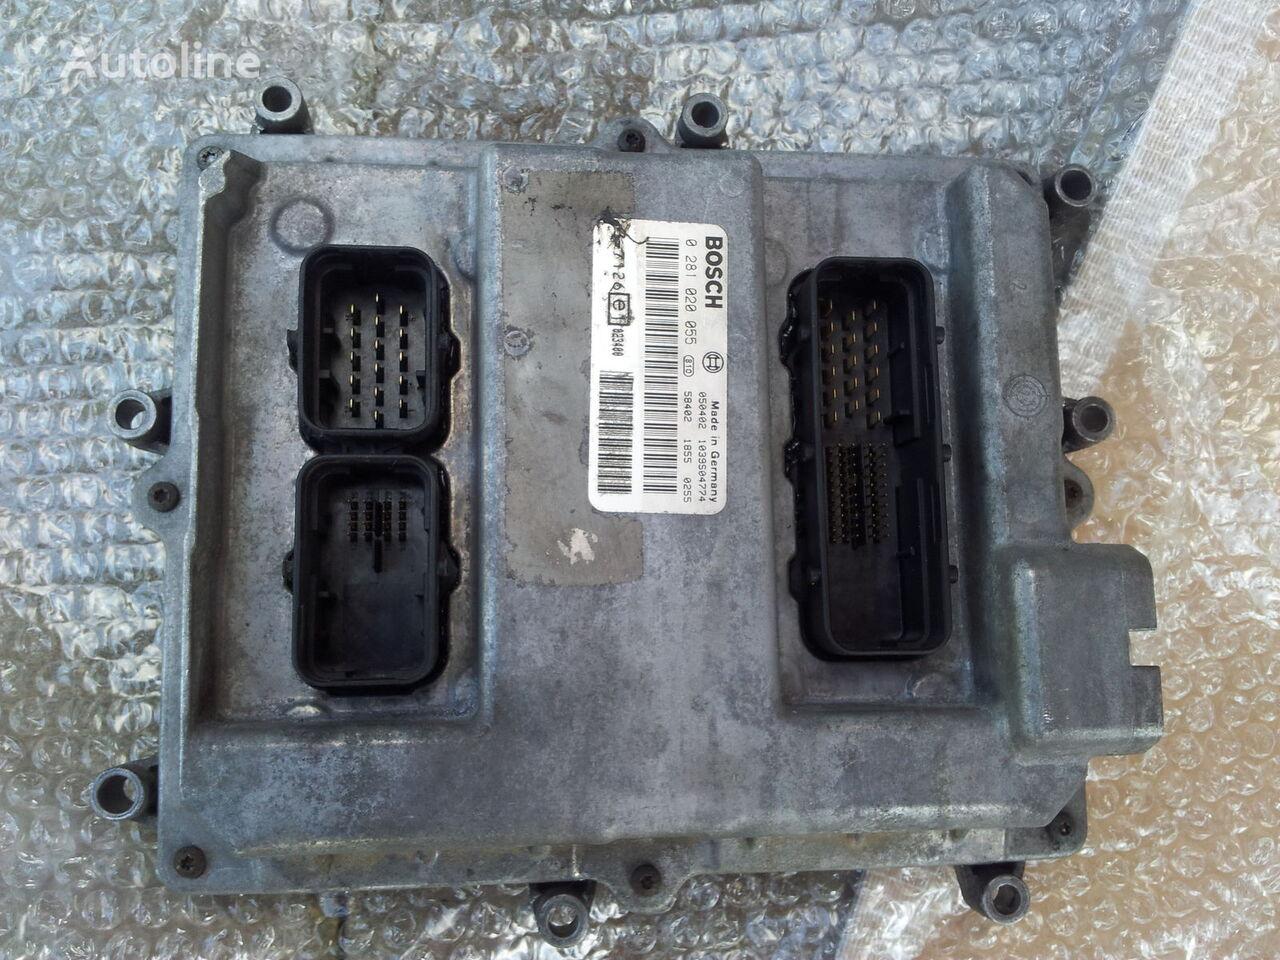 панелен блок  MAN Common Rail EDC, ECU electronic diesel control 0281020055, D2066LF01, 51258037126, 51258337169, 51258037127, 51258337168 за влекач MAN TGA